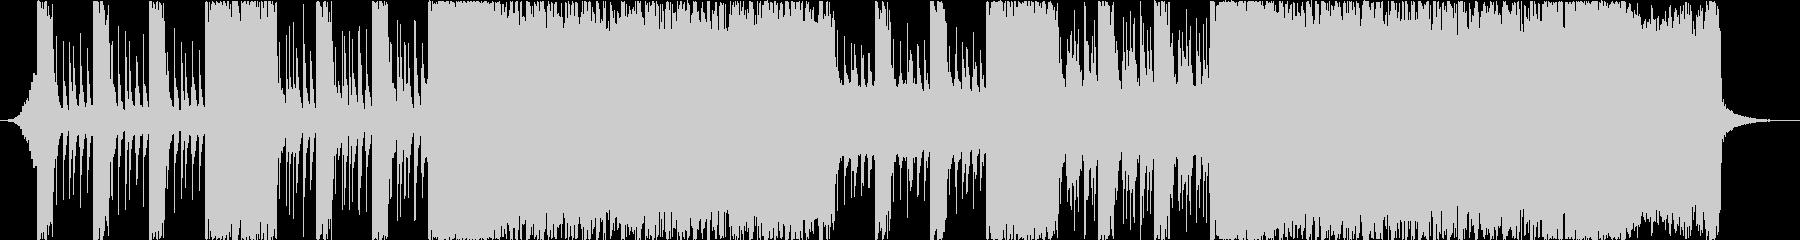 和楽器とシンセでロックなBGMの未再生の波形